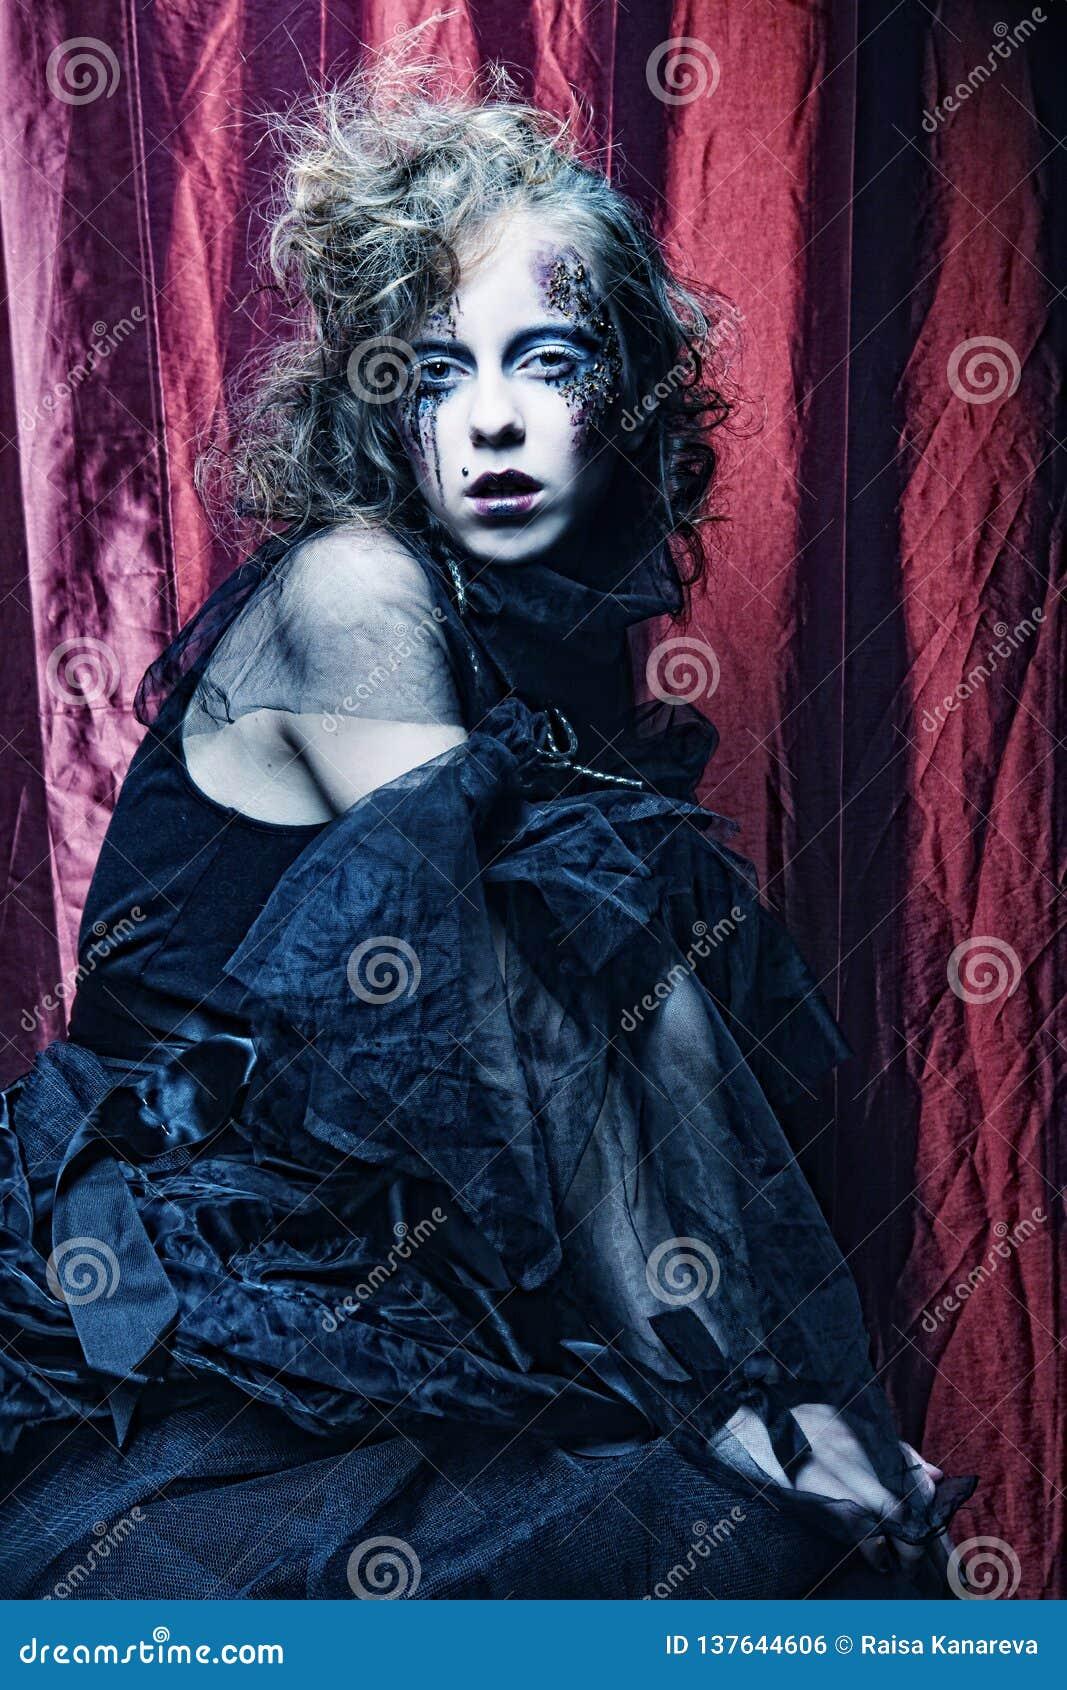 δημιουργικός αποτελέστε τη γυναίκα μεγάλος φωτεινός Ιστός αραχνών σκιών μυστηρίου σεληνόφωτου φωτοστεφάνου ευελιξιών φλογών ρίψης